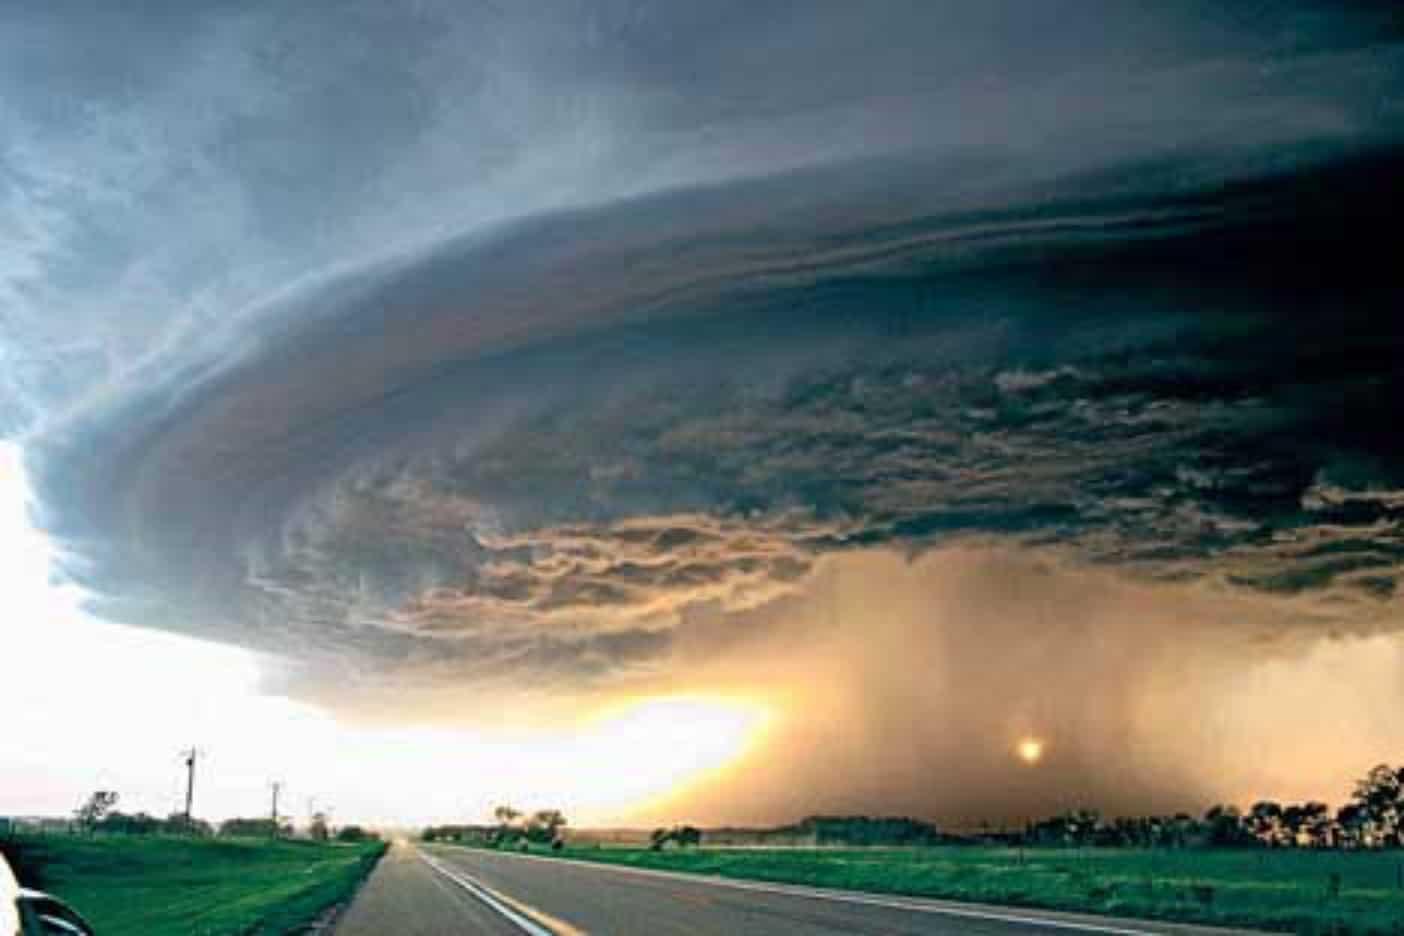 الإعصار في المنام للحامل - موسوعة